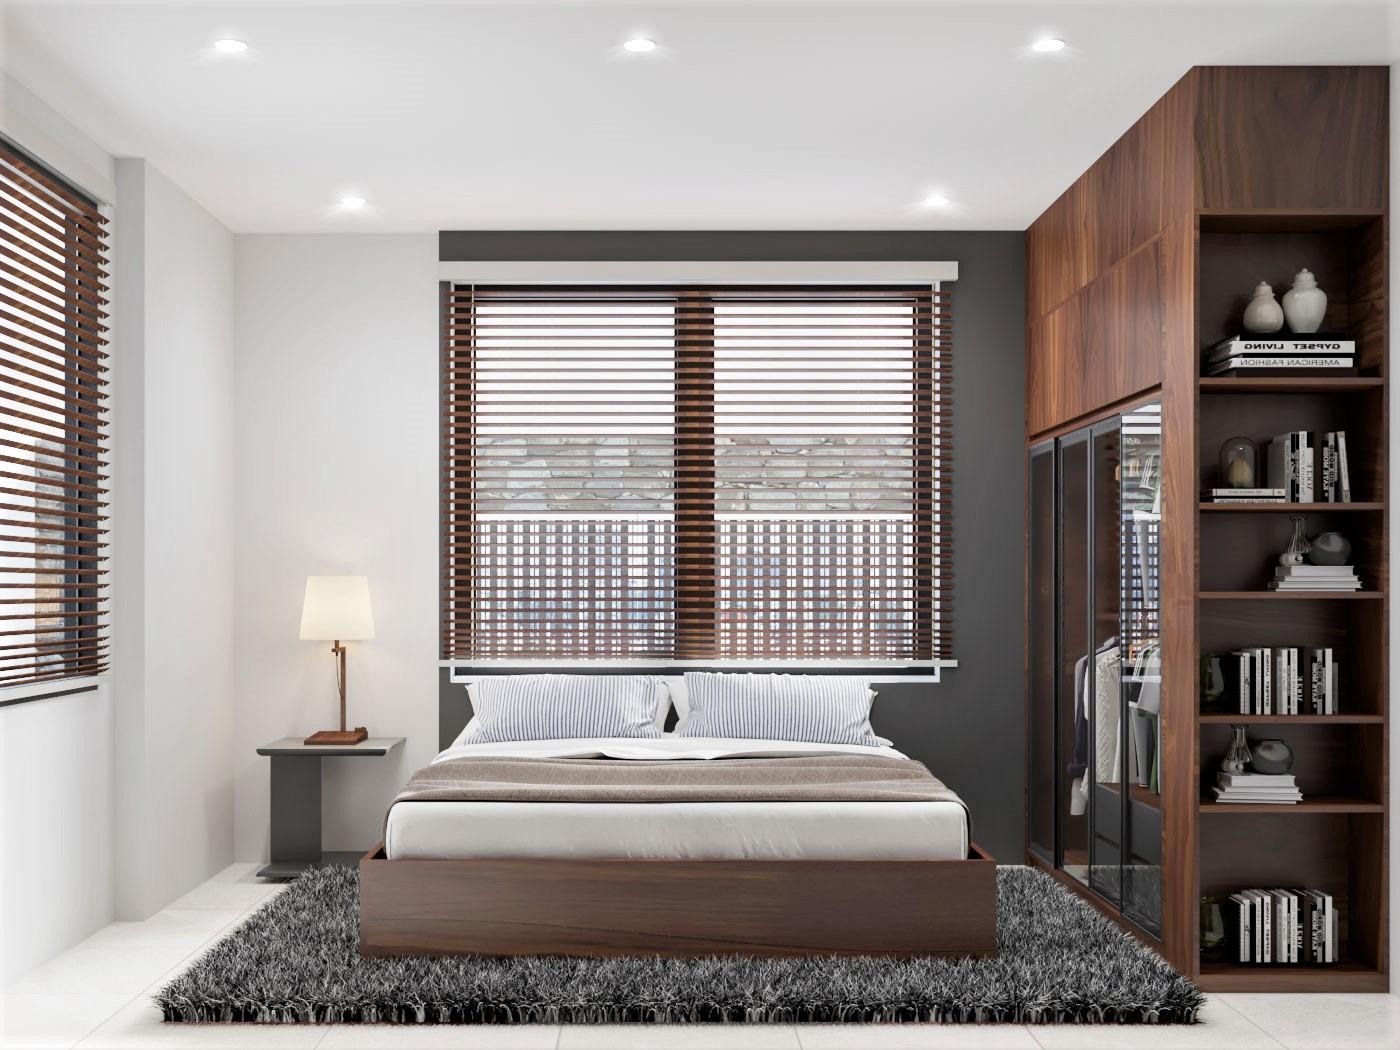 Nội Thất Phòng Ngủ Đẹp Hiện Đại Hcm - Bộ Phòng Ngủ Hiện Đại 2020